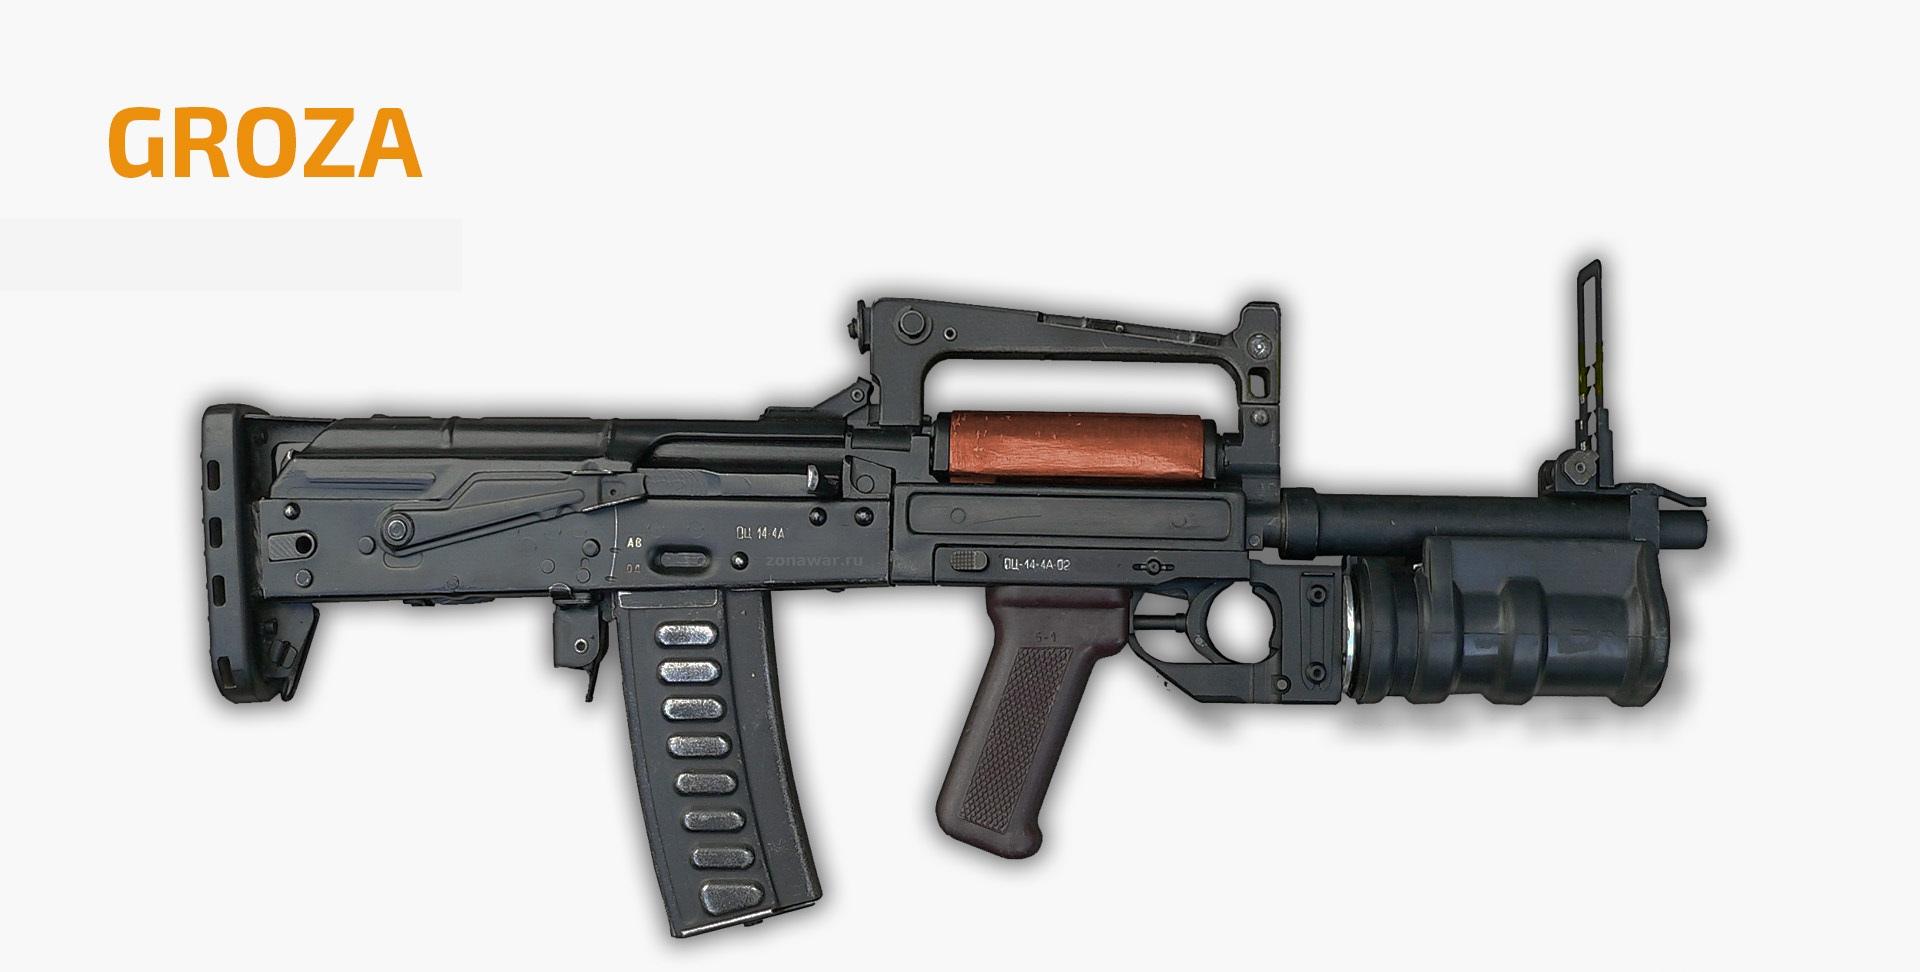 سلاح GROZA في ببجي موبايل